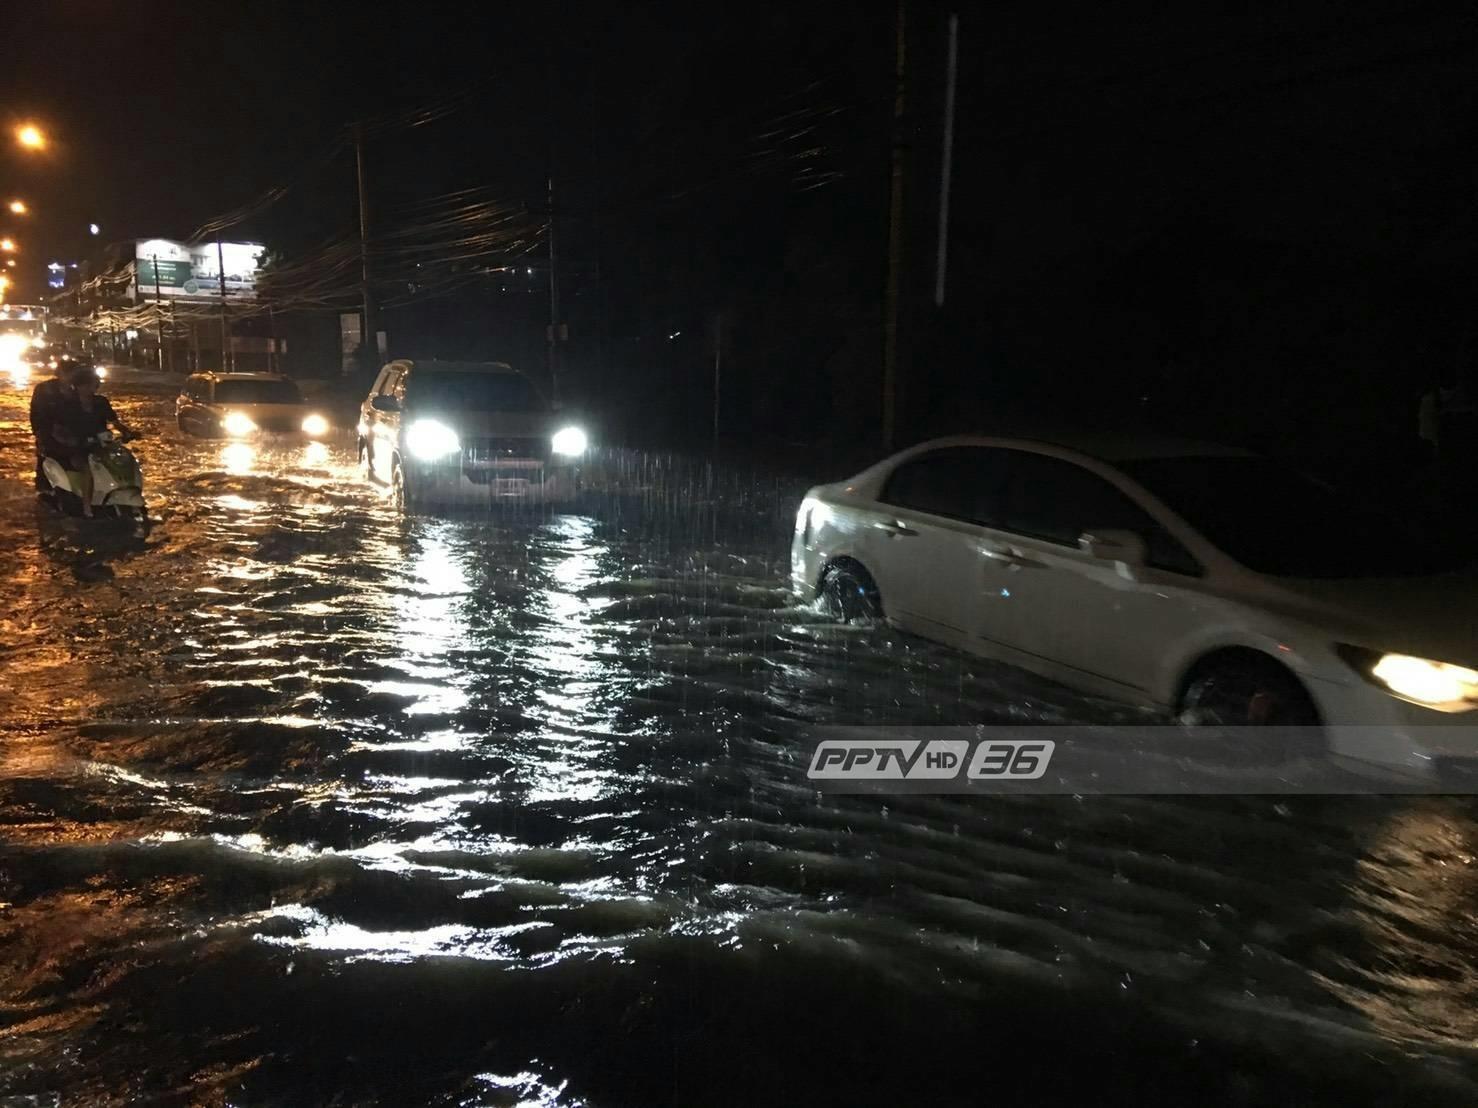 ฝนตกหนักทั้งเมืองพัทยาน้ำท่วมขัง